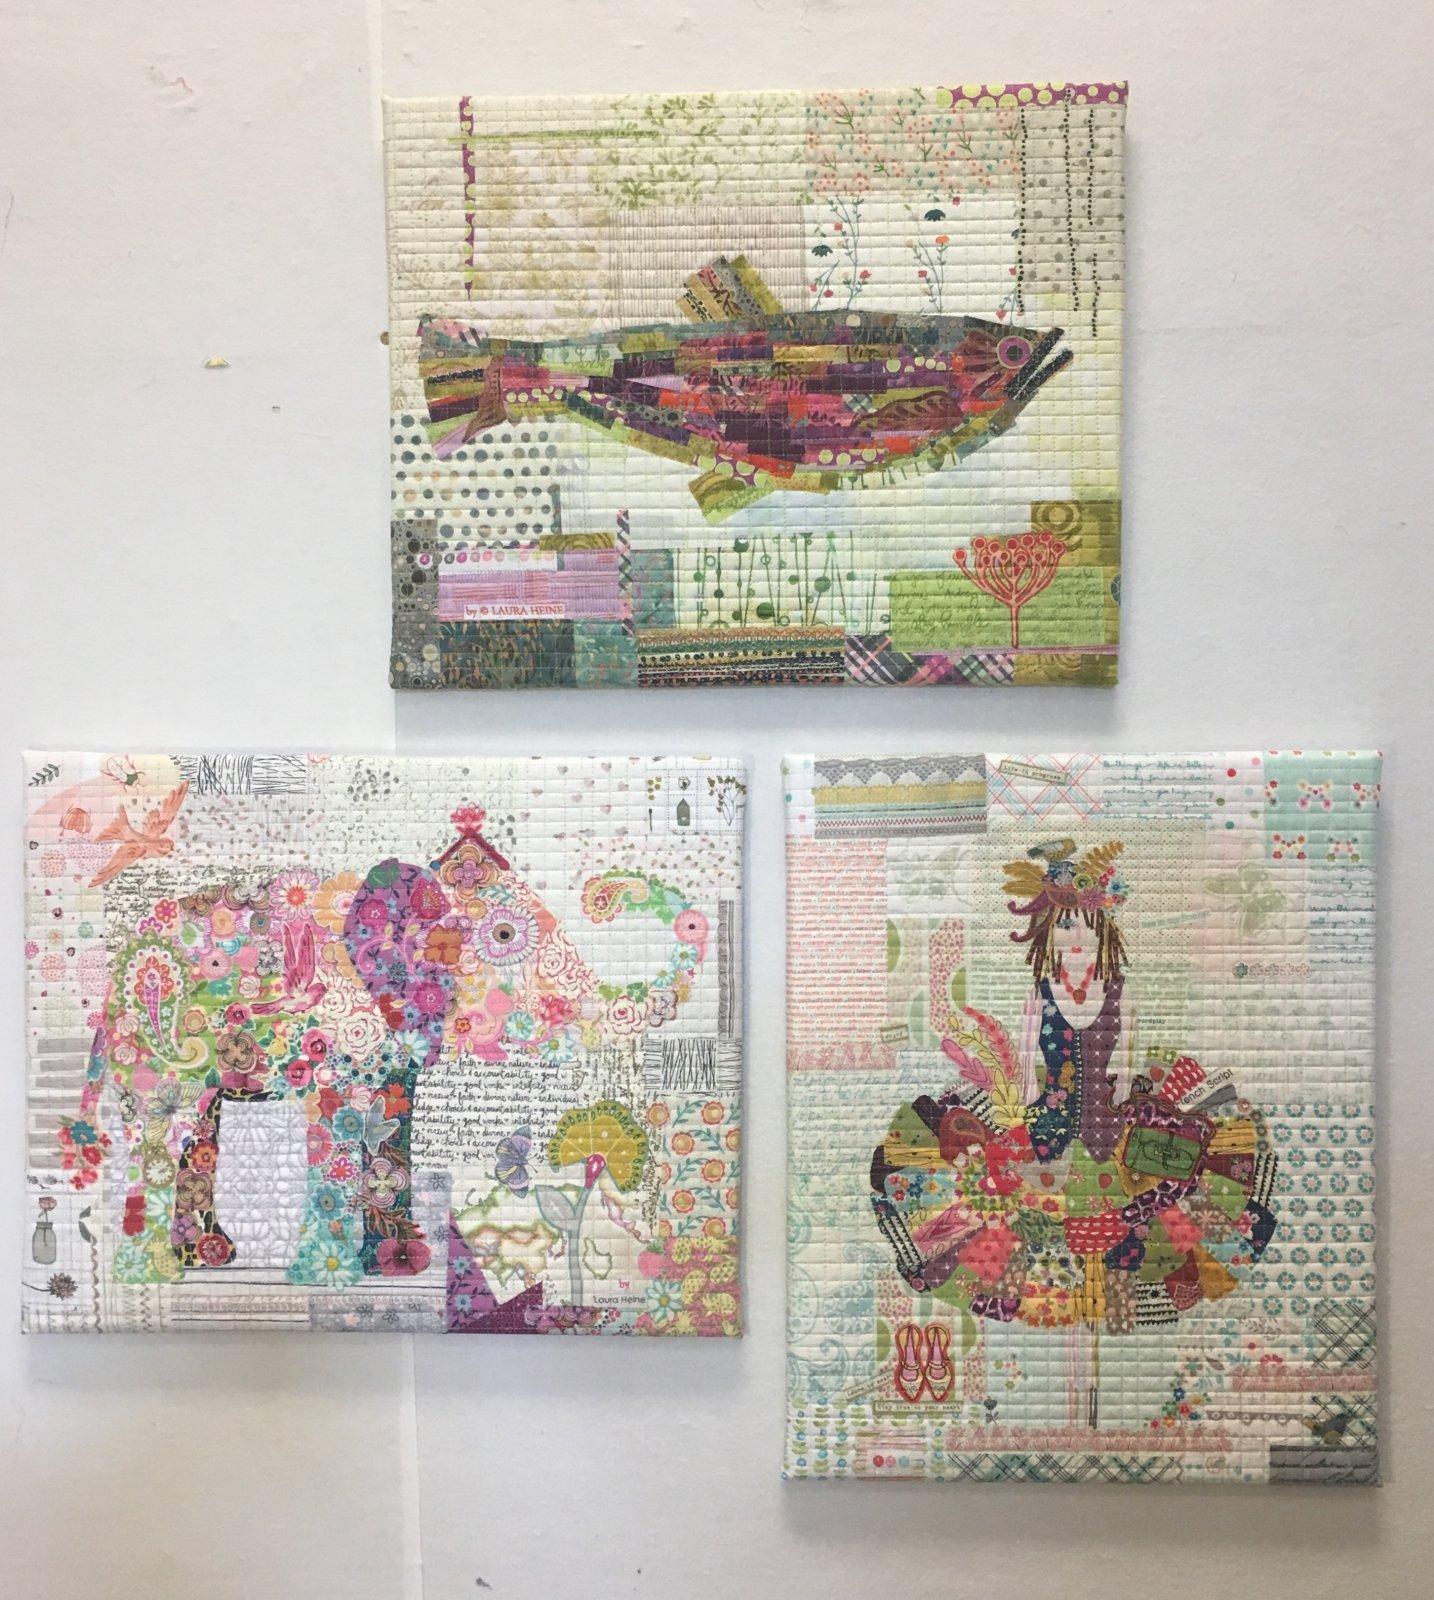 Laura Heine Group 1 Teeny Tiny Dress/Fish/Elephant